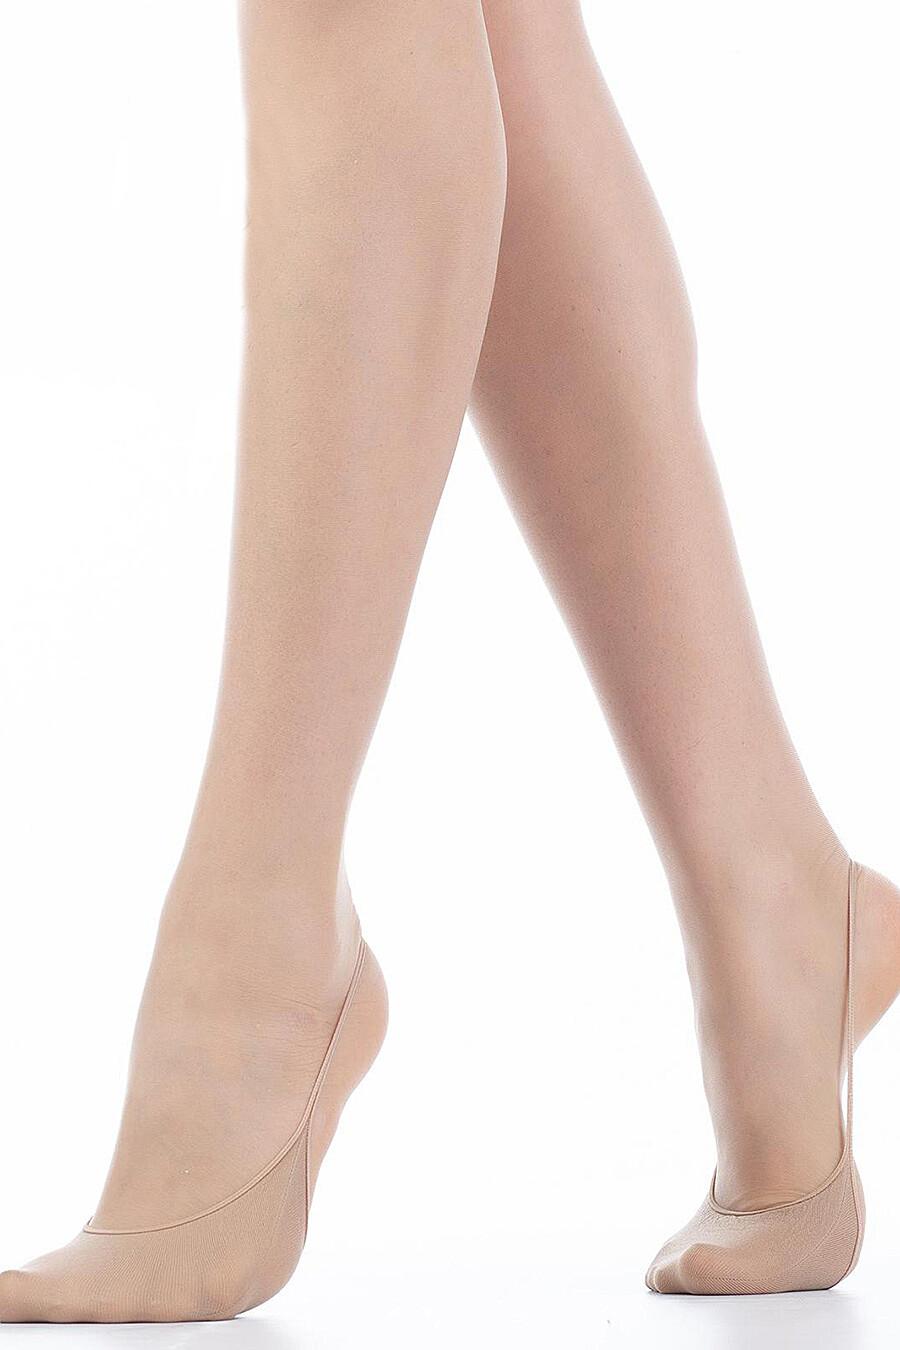 Подследники для женщин MINIMI 180955 купить оптом от производителя. Совместная покупка женской одежды в OptMoyo